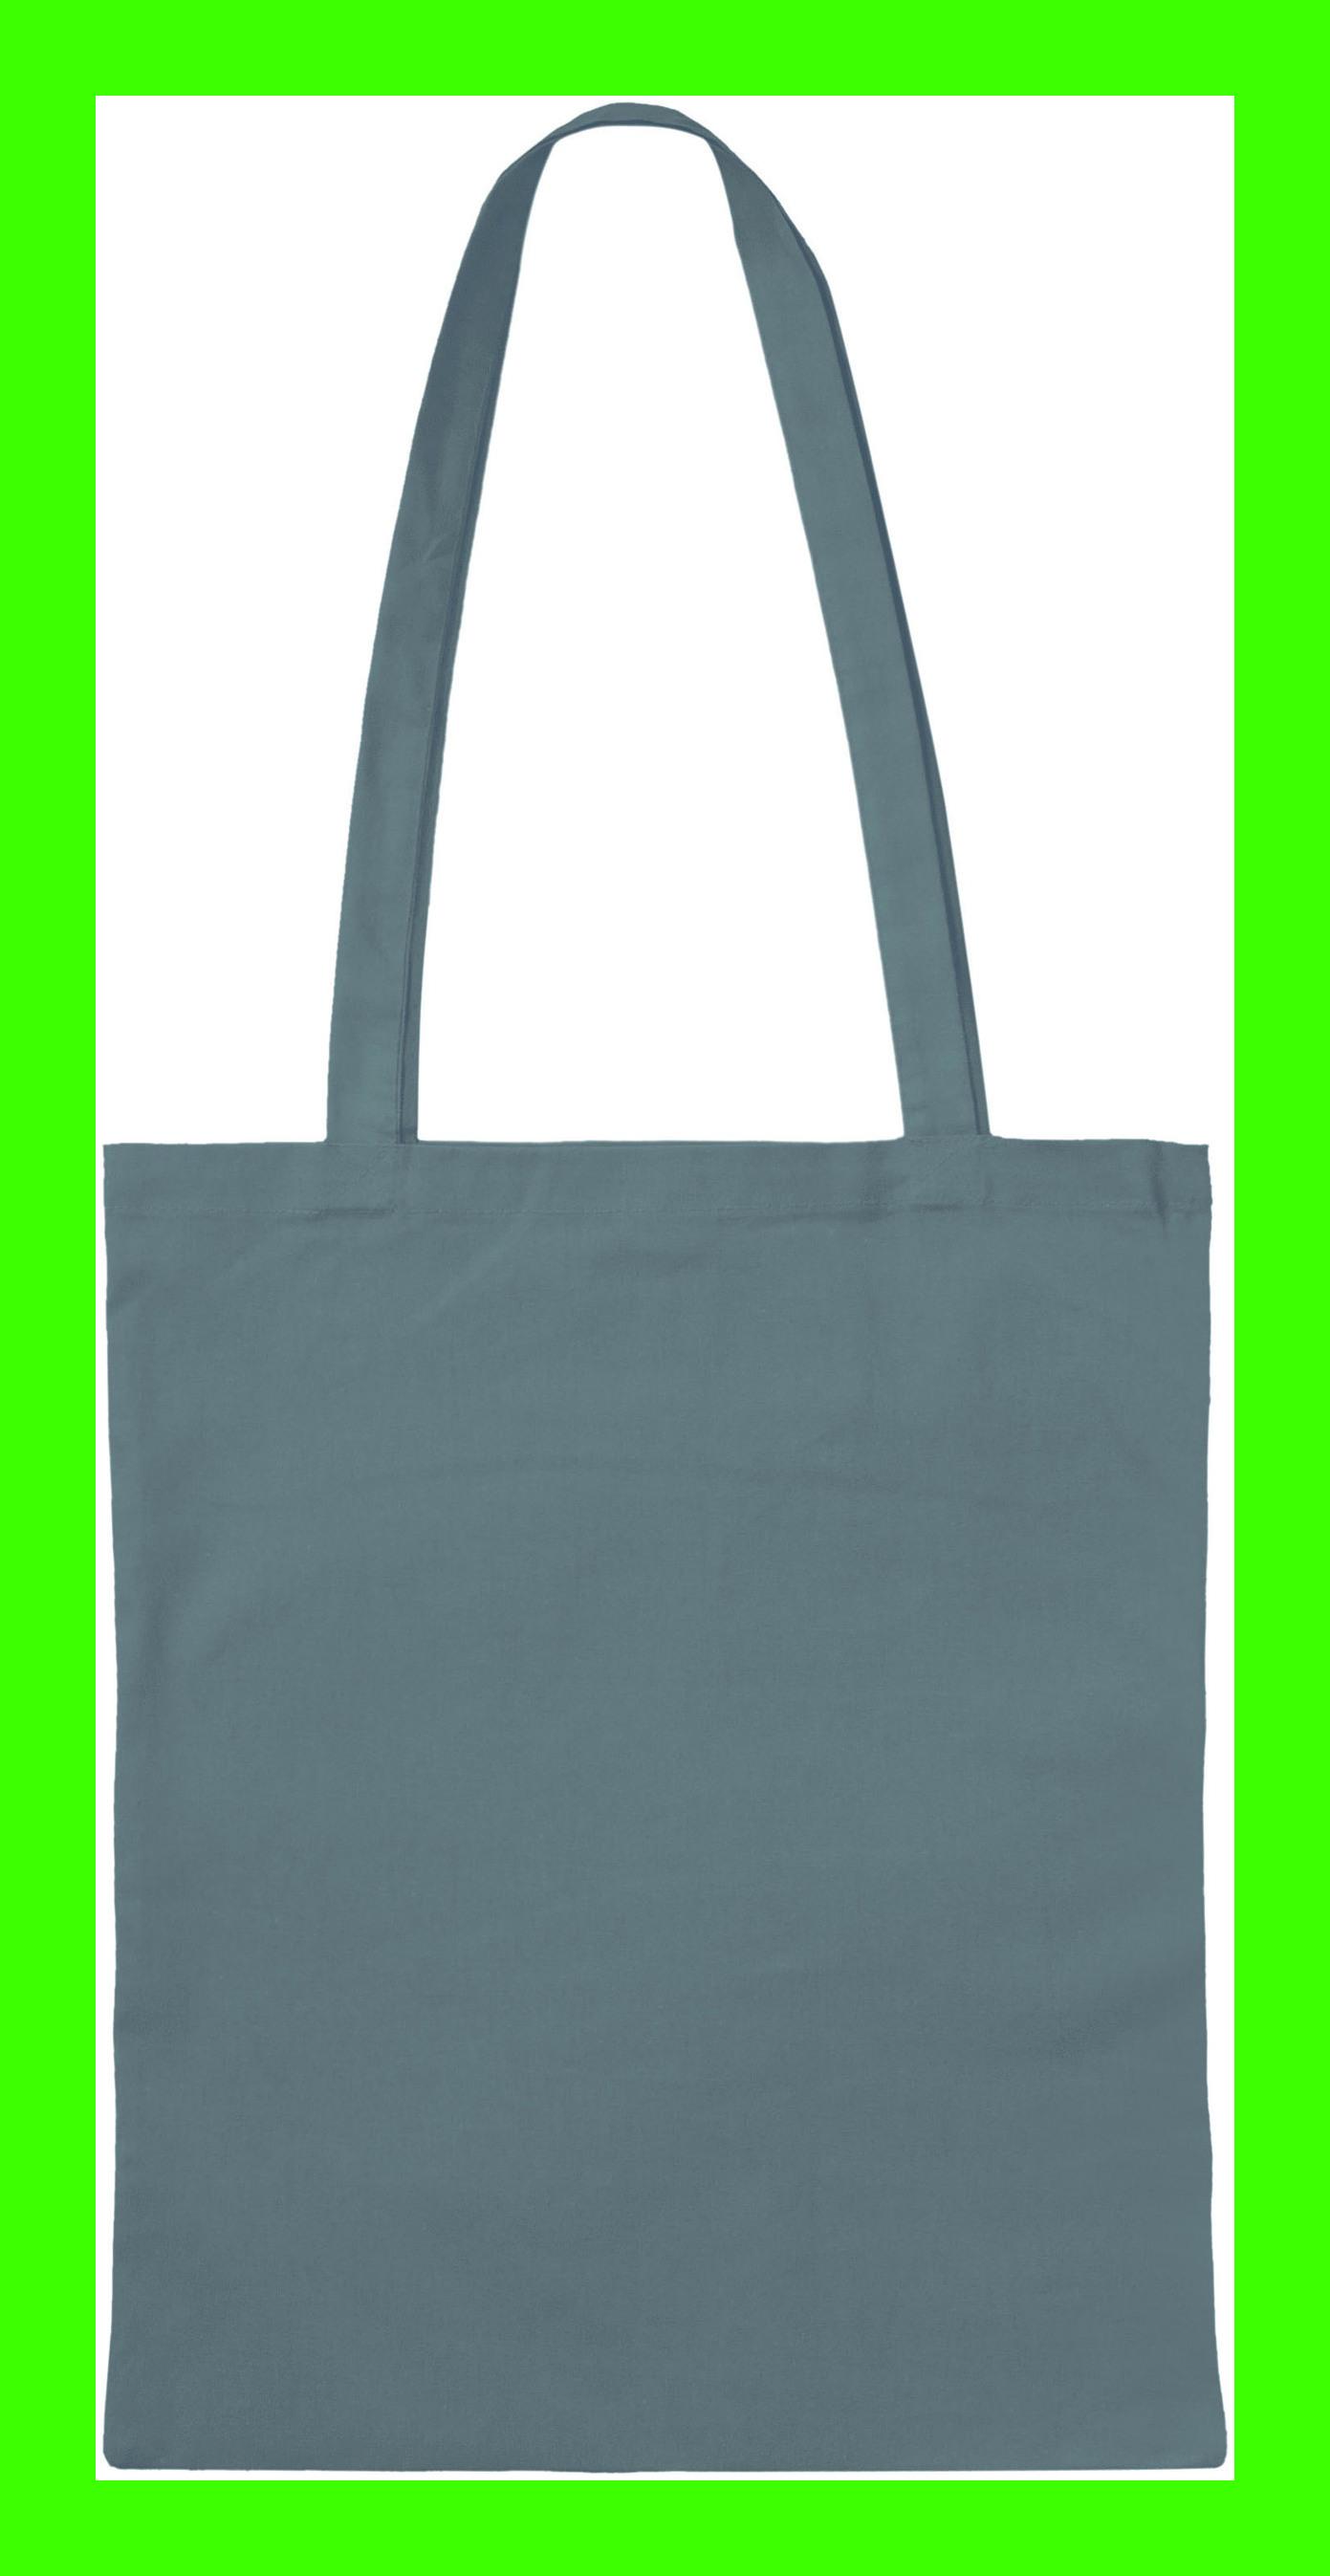 Baumwolltasche-38-x-42-zwei-lange-Henkel-Stofftasche-Baumwolltaschen